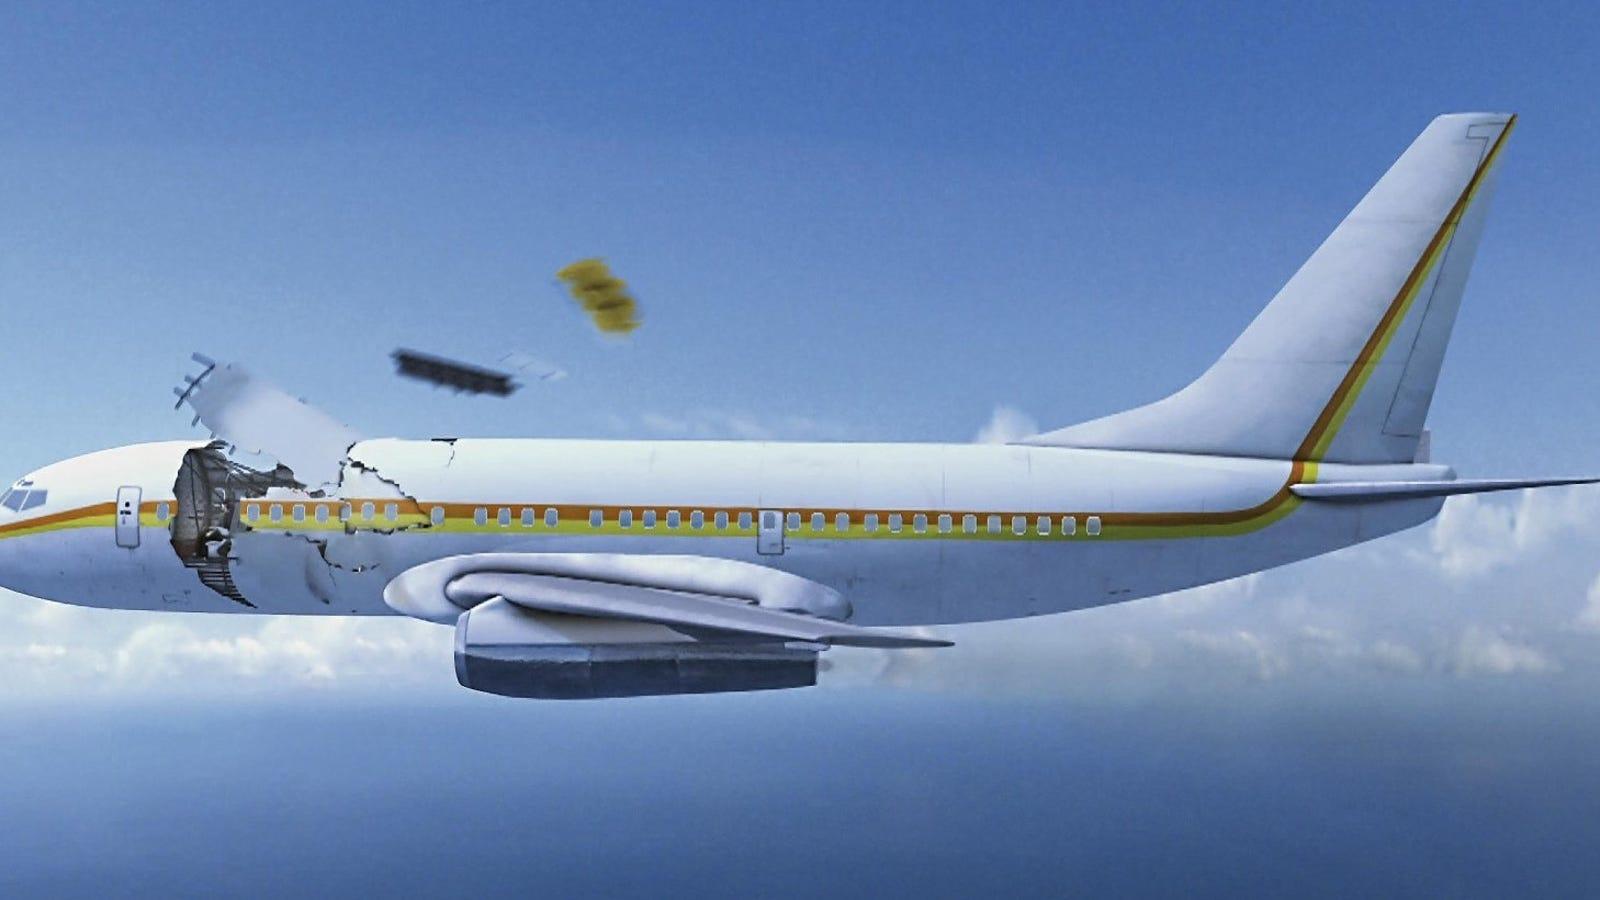 La increíble historia del vuelo Aloha 243, el avión comercial que aterrizó sin techo